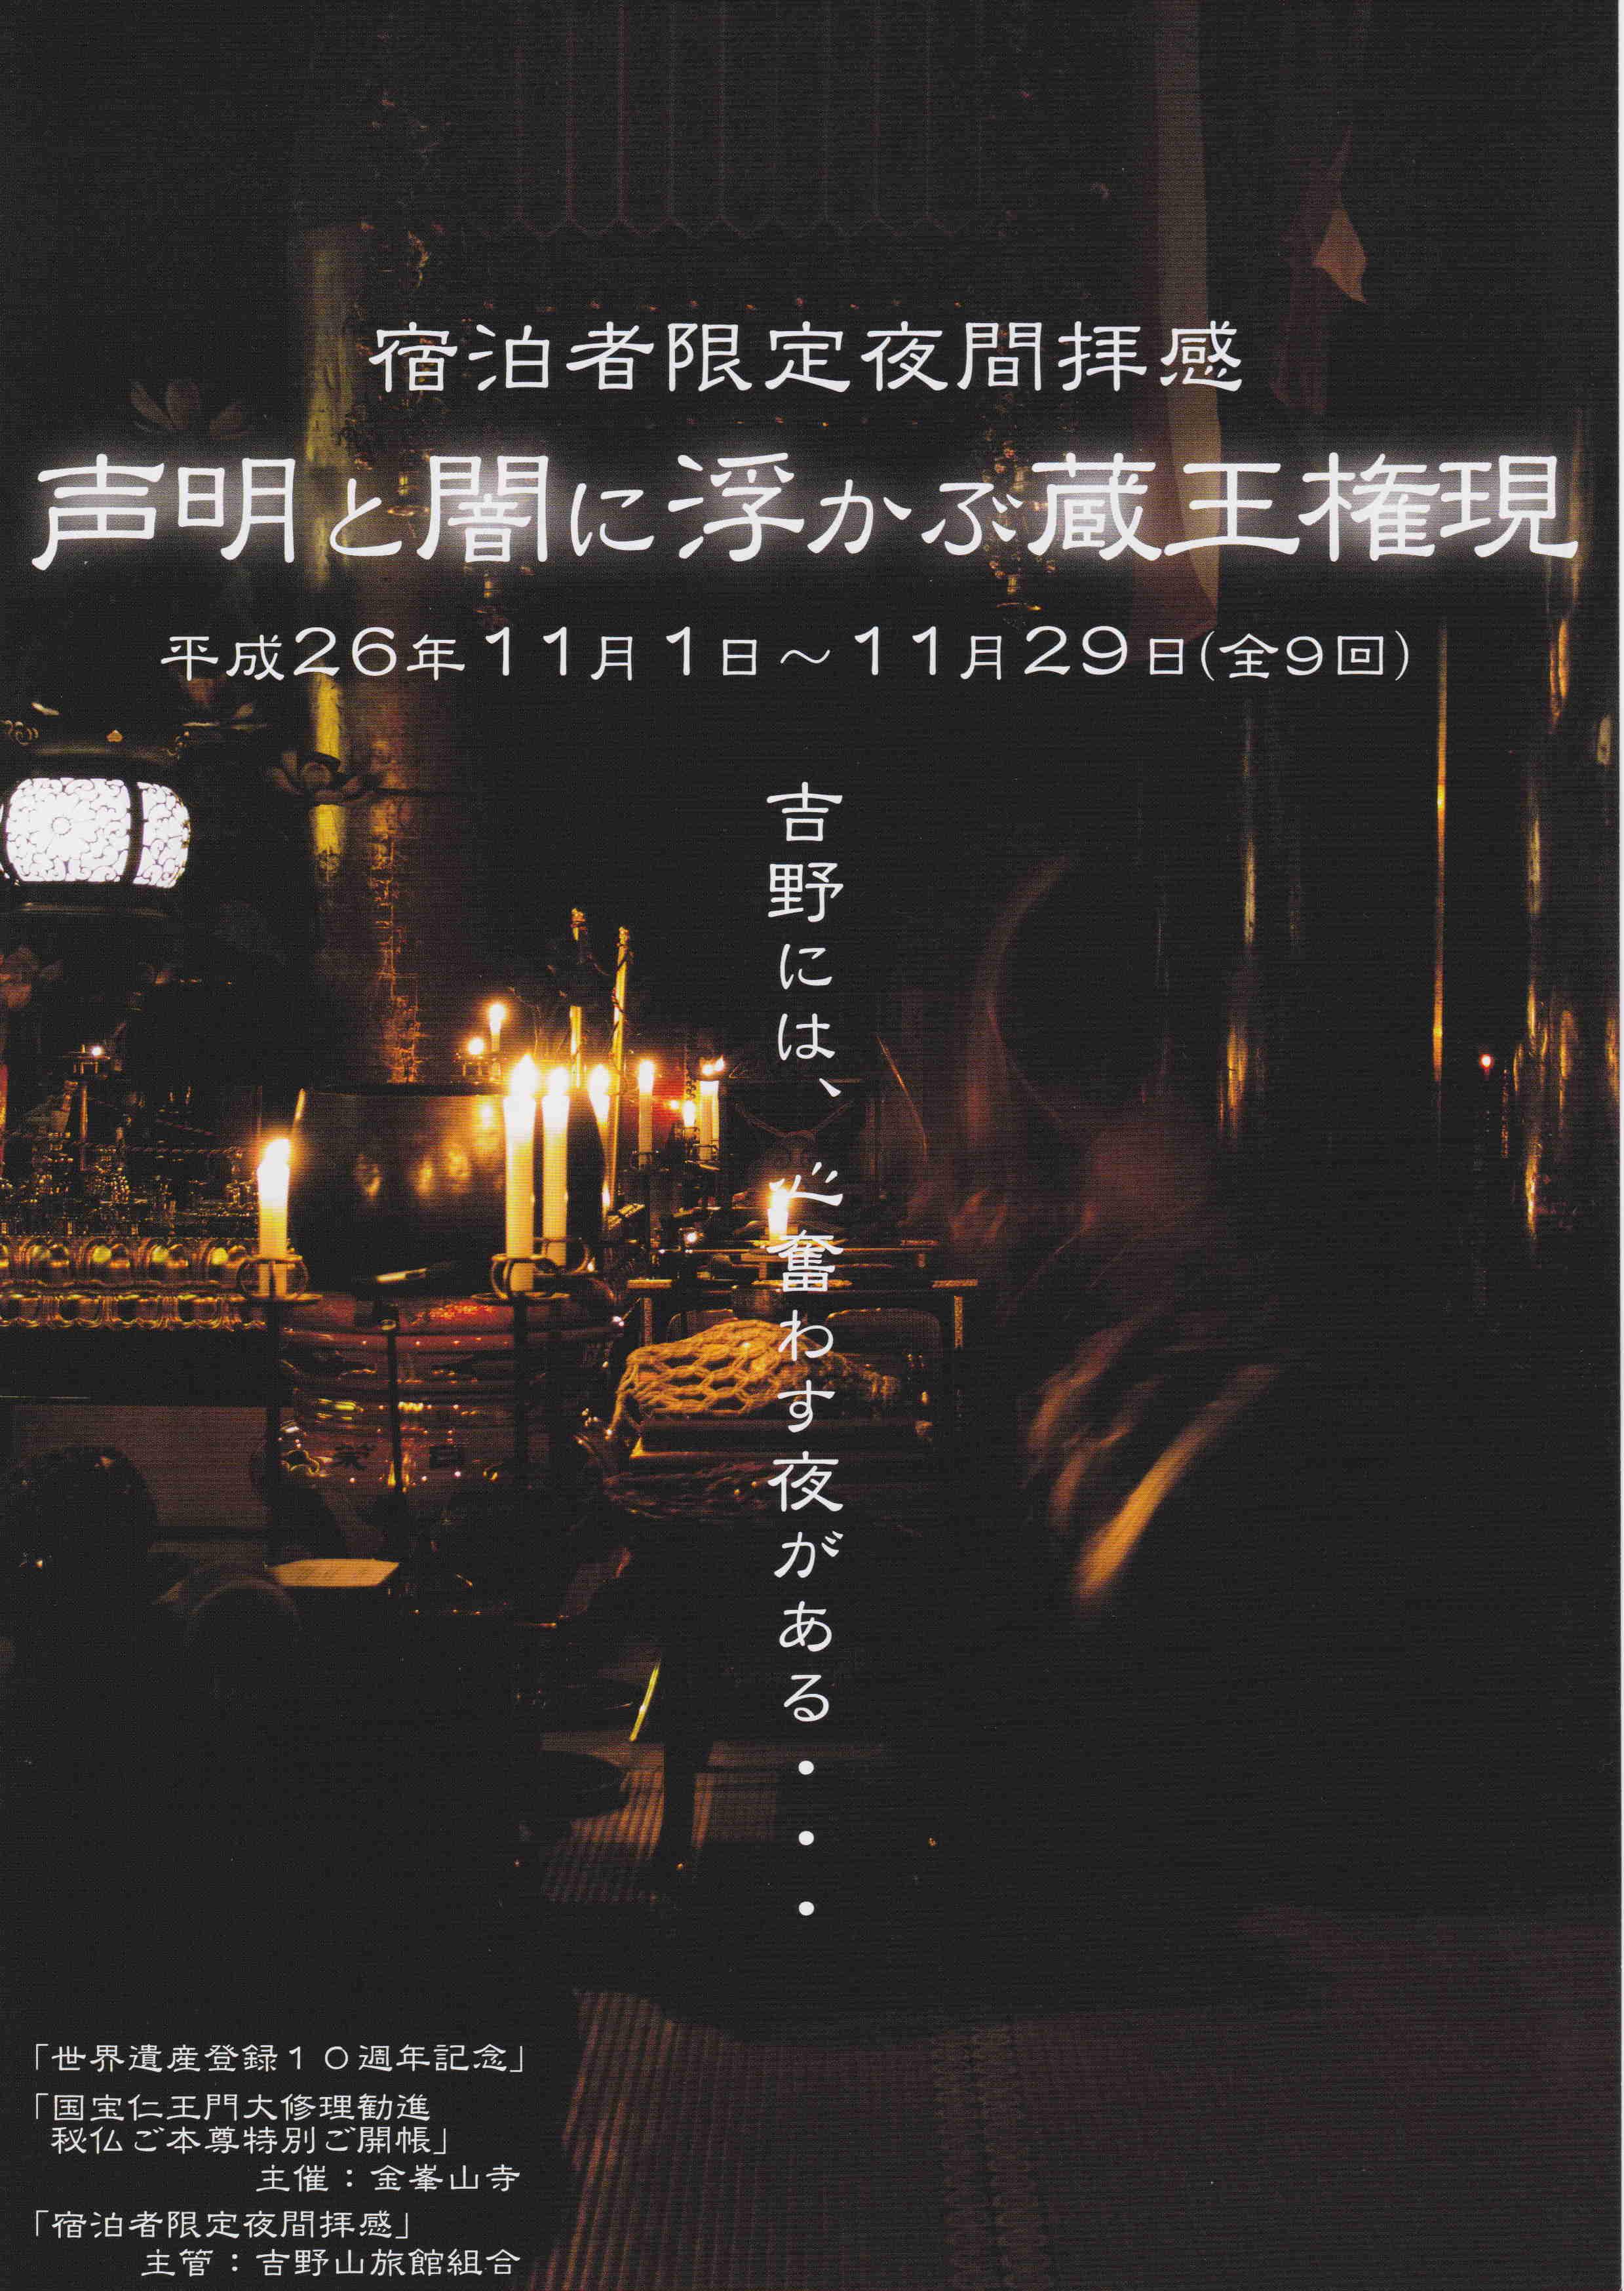 平成26年秋 「宿泊者限定 秋の夜間拝感」日程が決定!!!_e0154524_08382365.jpg